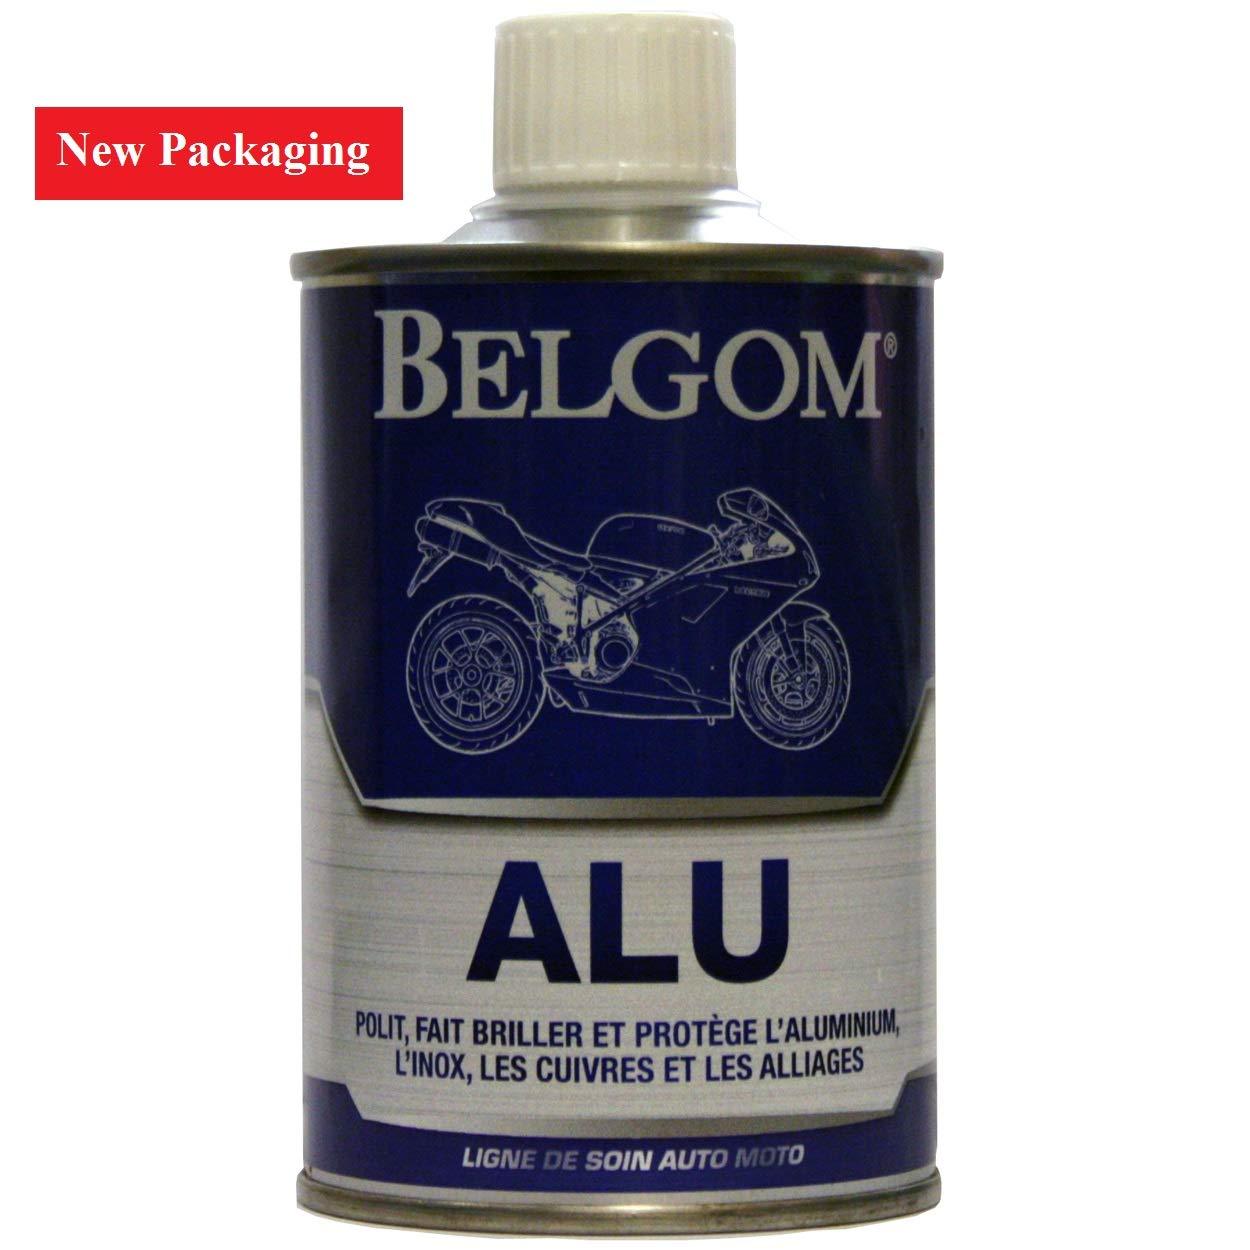 Belgom Alu Aluminium Alloy Polish for Motorcycles/Cars plus Free Polishing Cloth - 250ml bottle